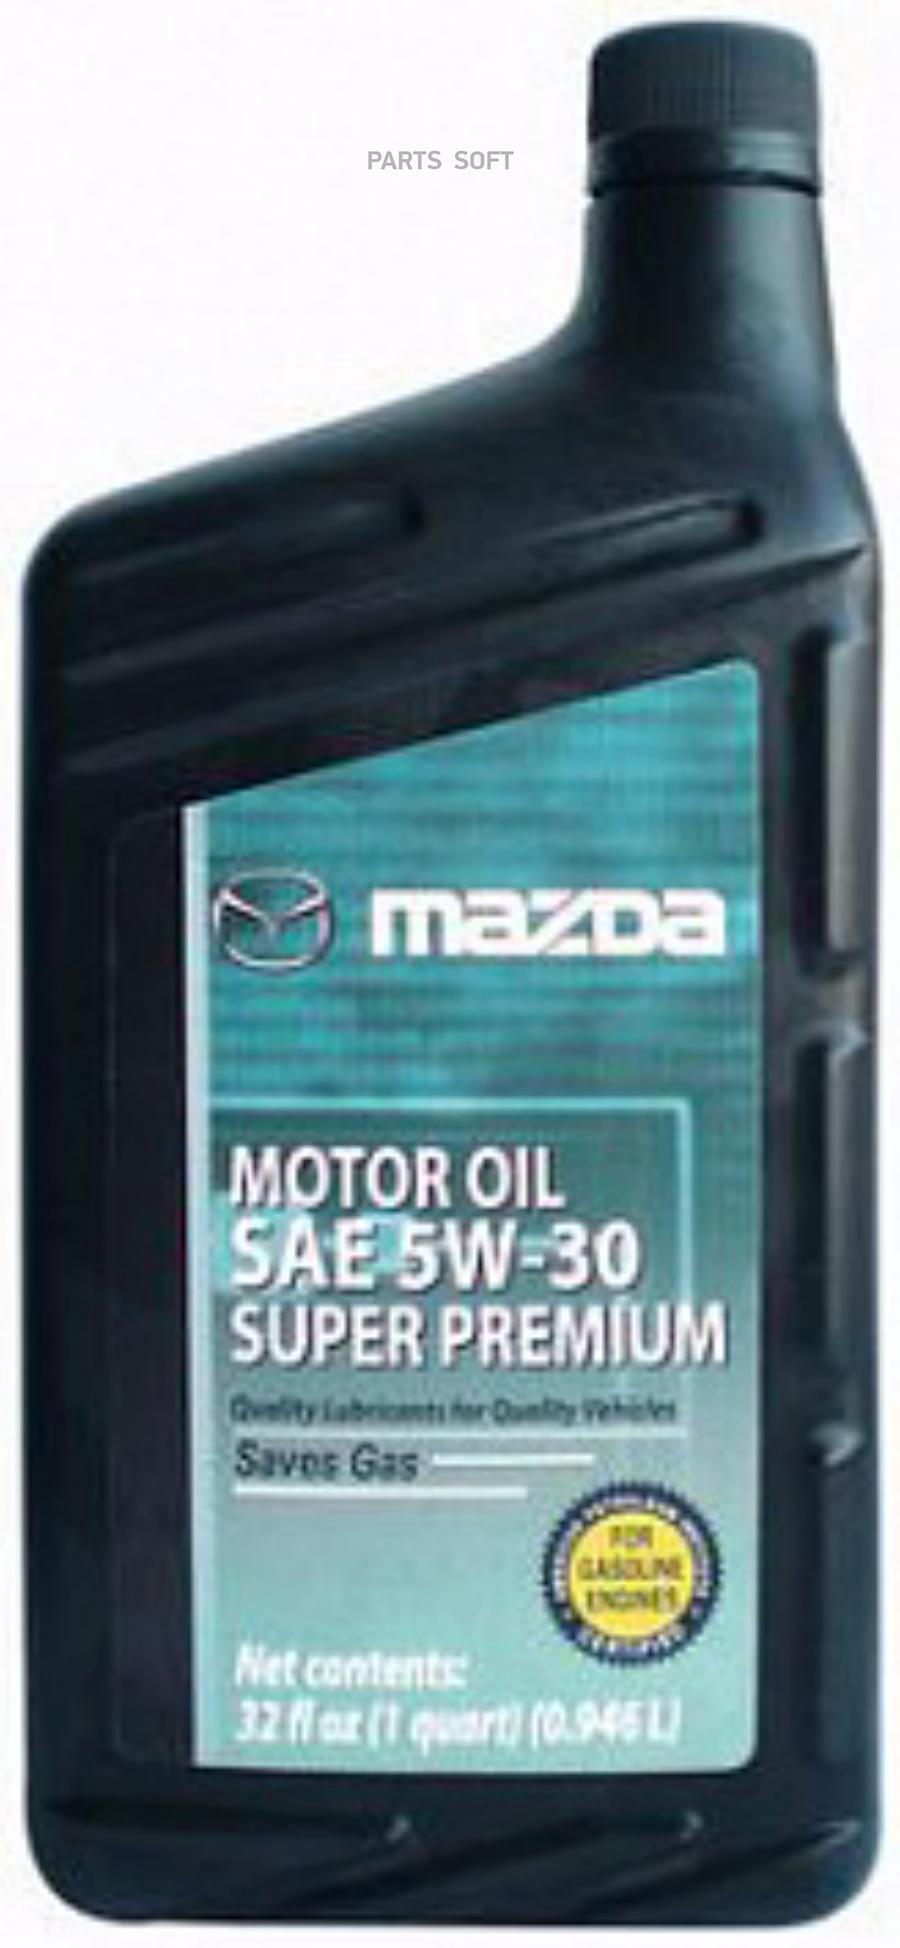 Mazda SUPER PREMIUM .